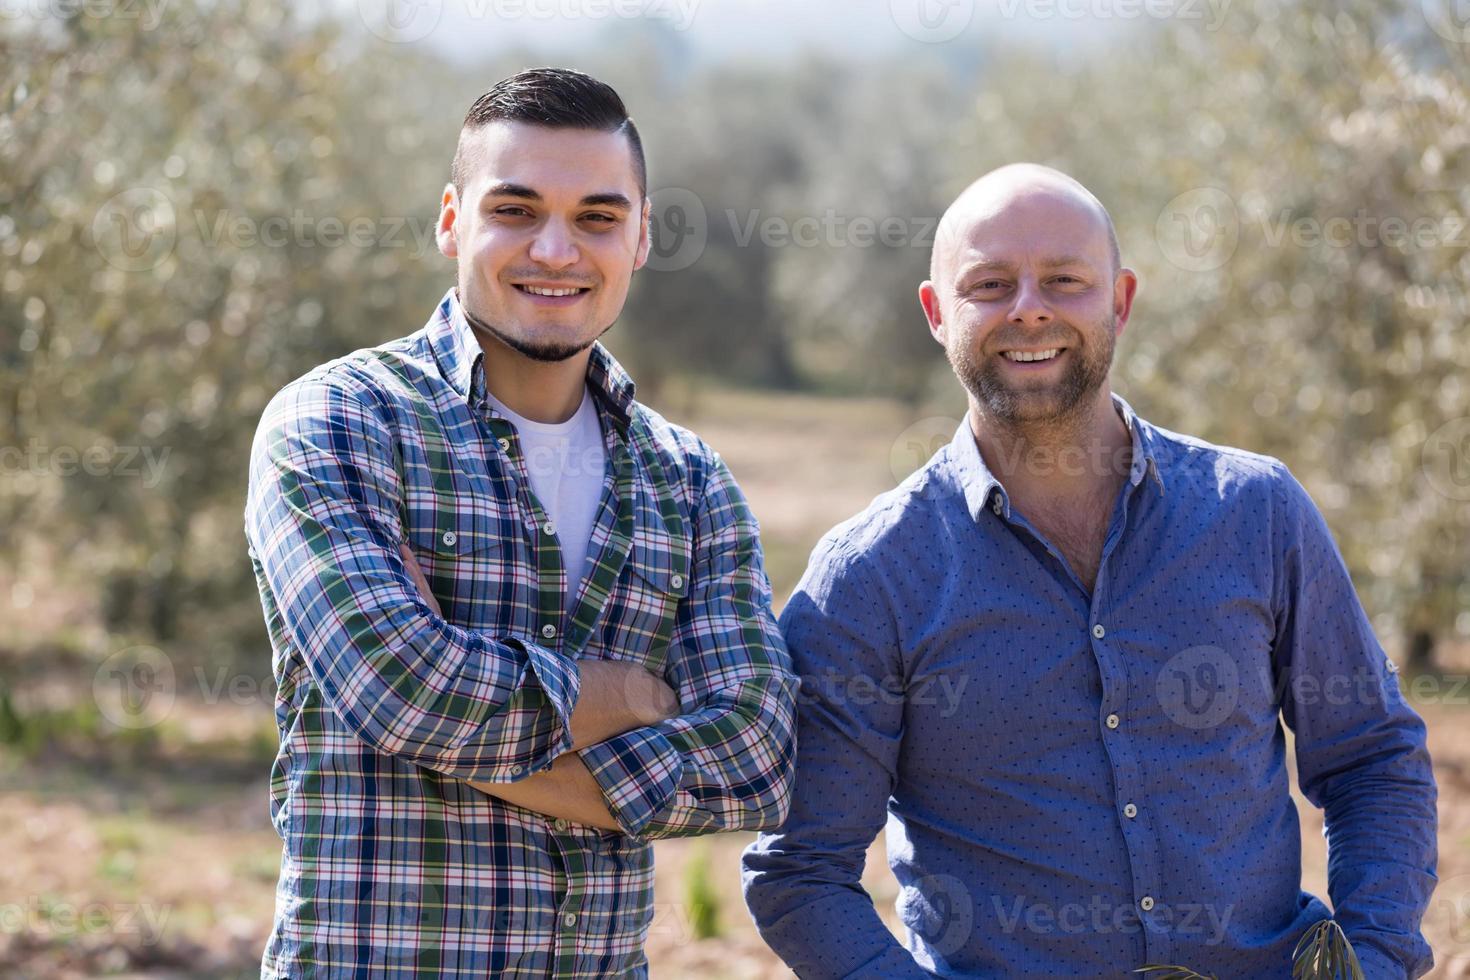 dois agricultores do sexo masculino na plantação foto